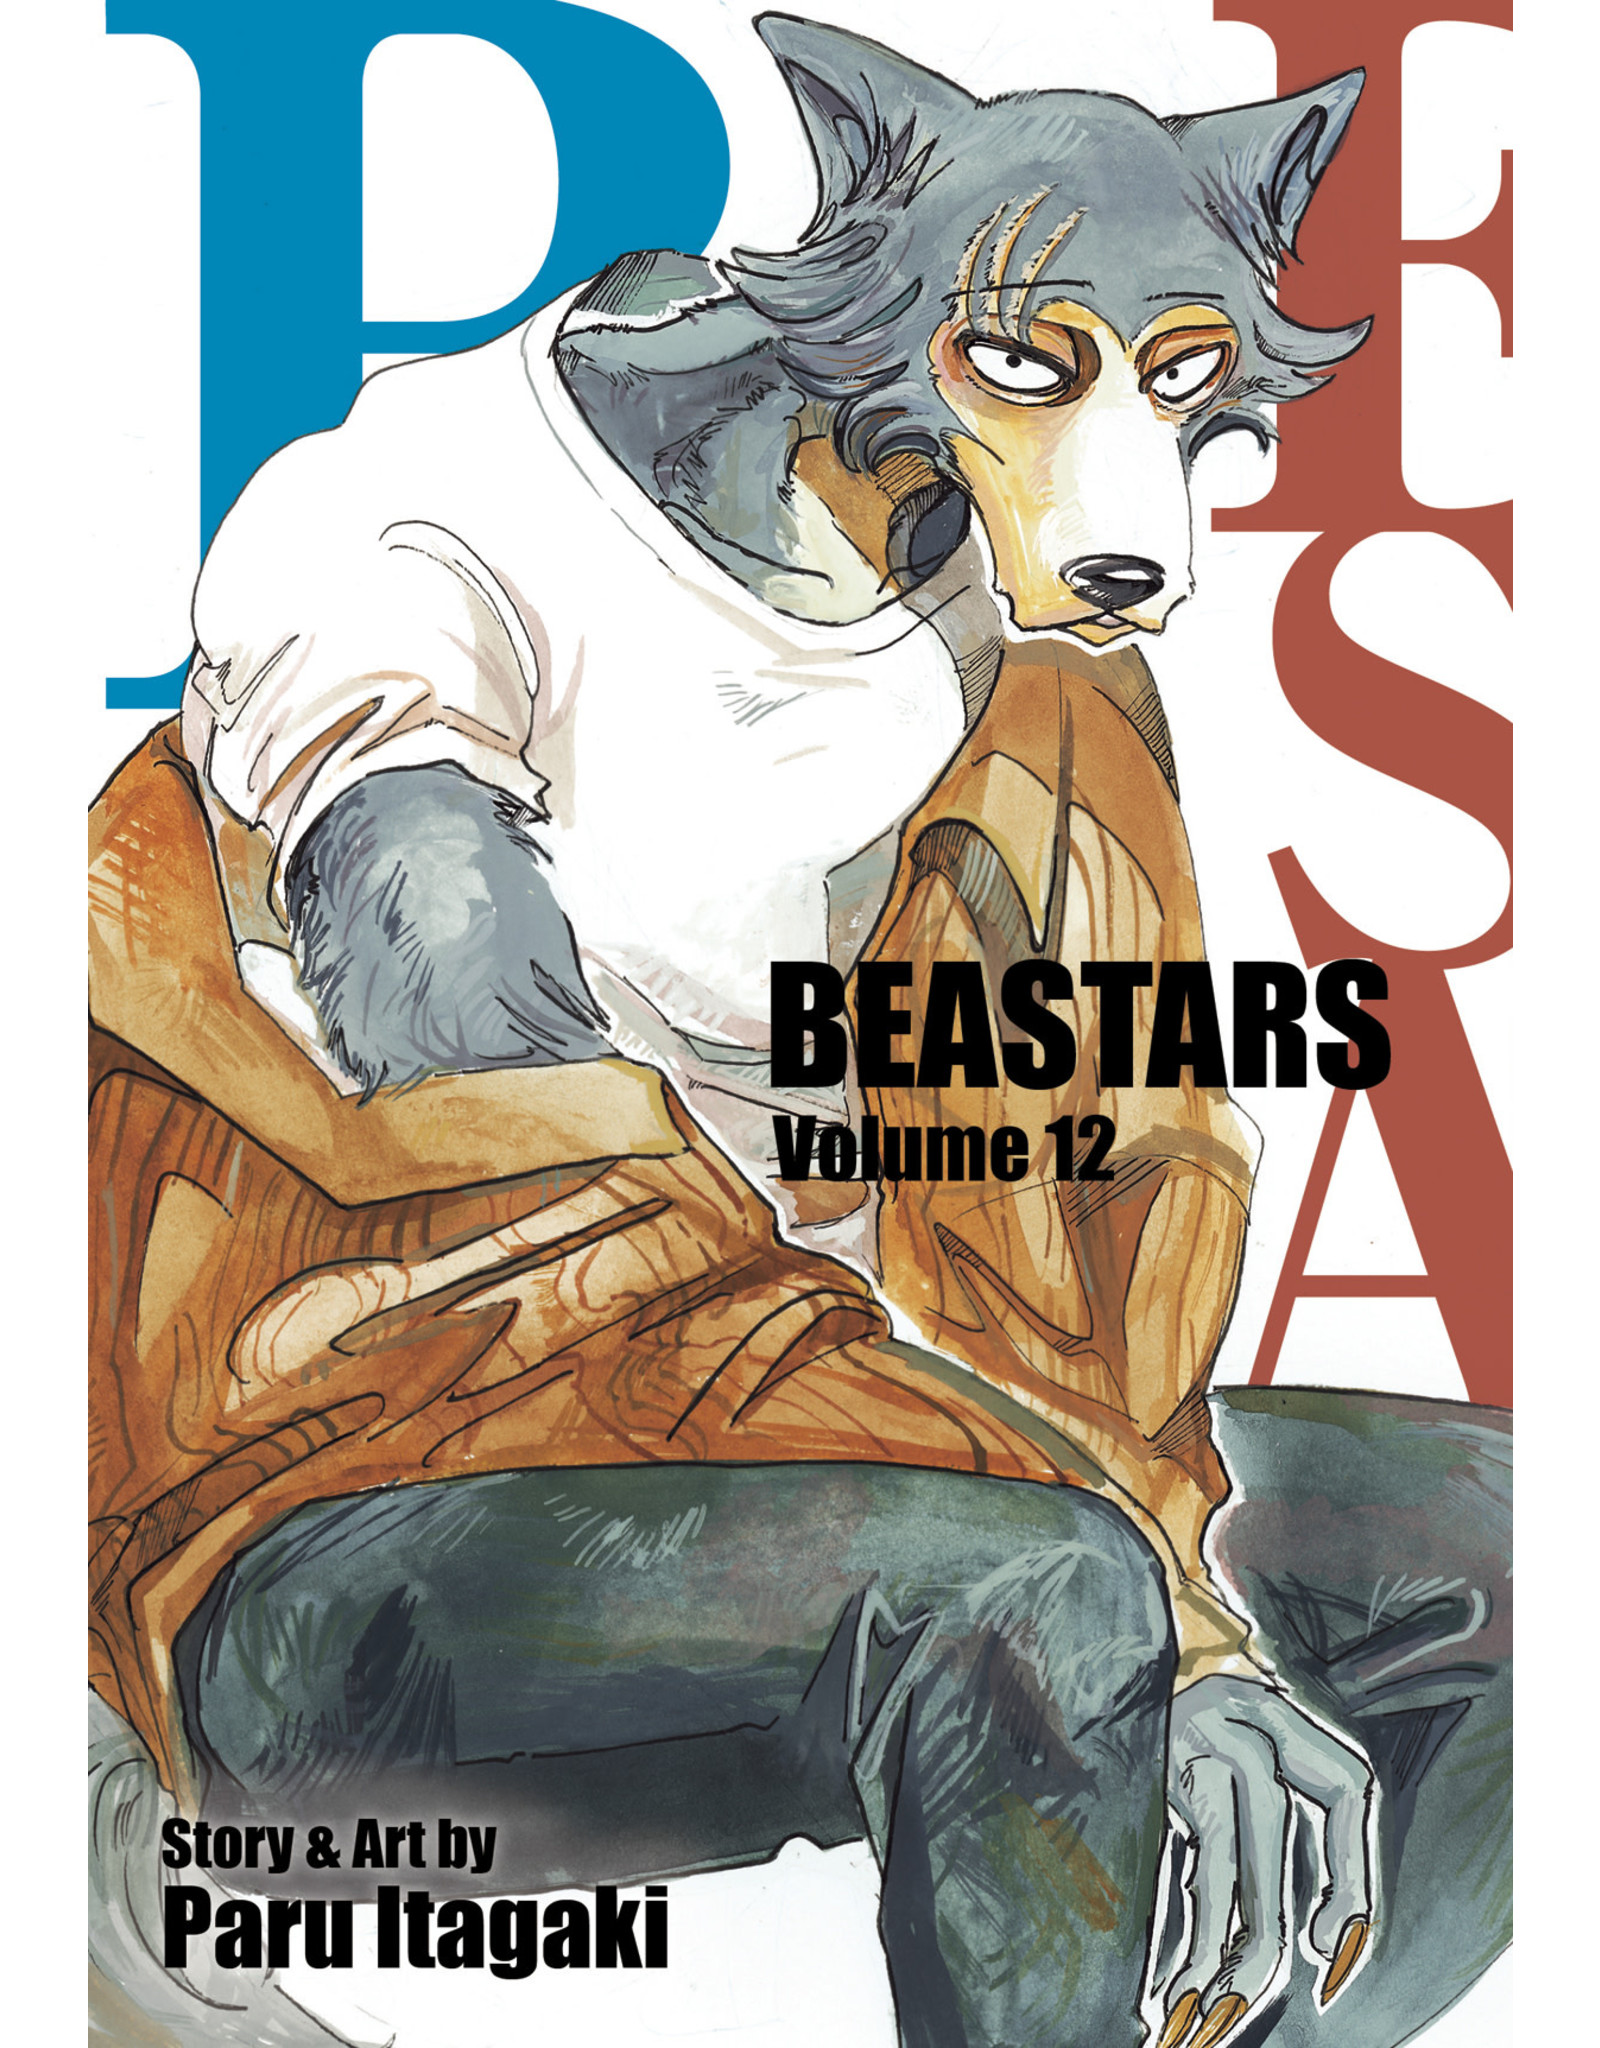 Beastars 12 (English) - Manga